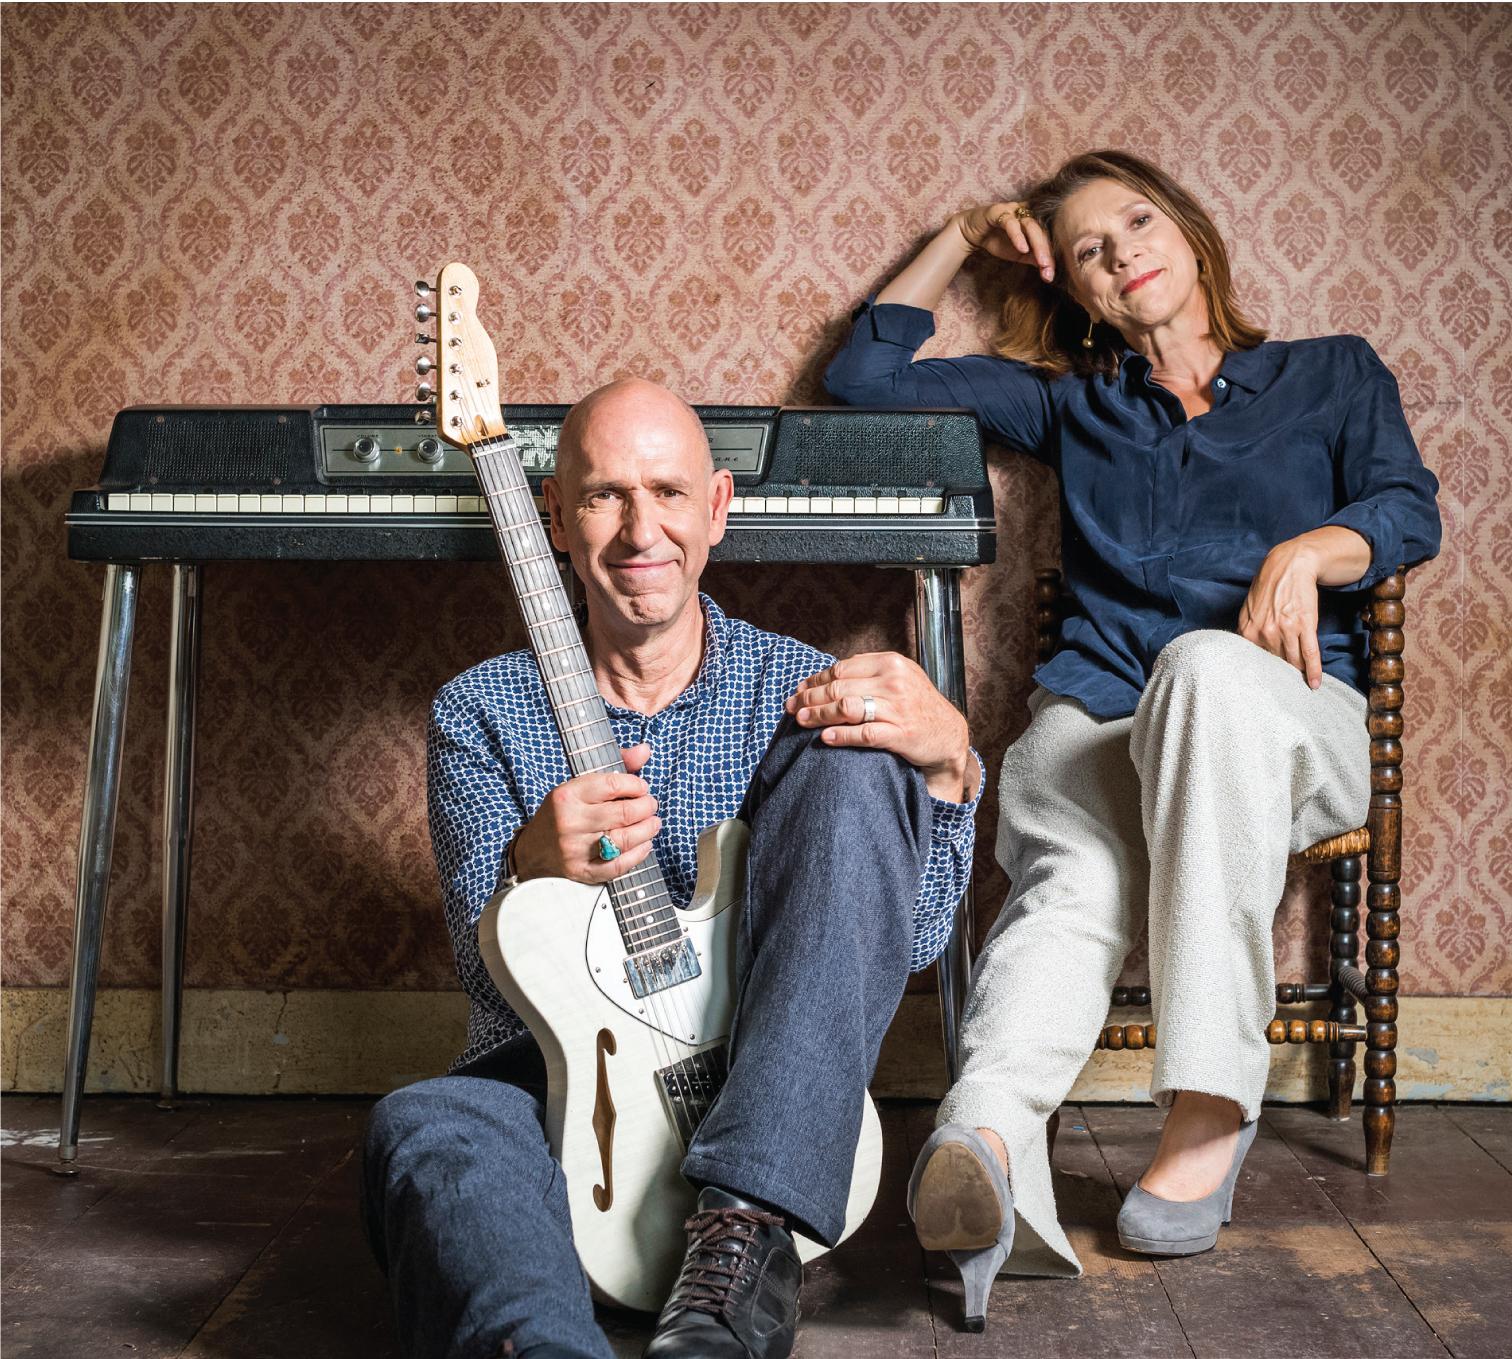 Ineke Vandoorn & Marc van Vugt